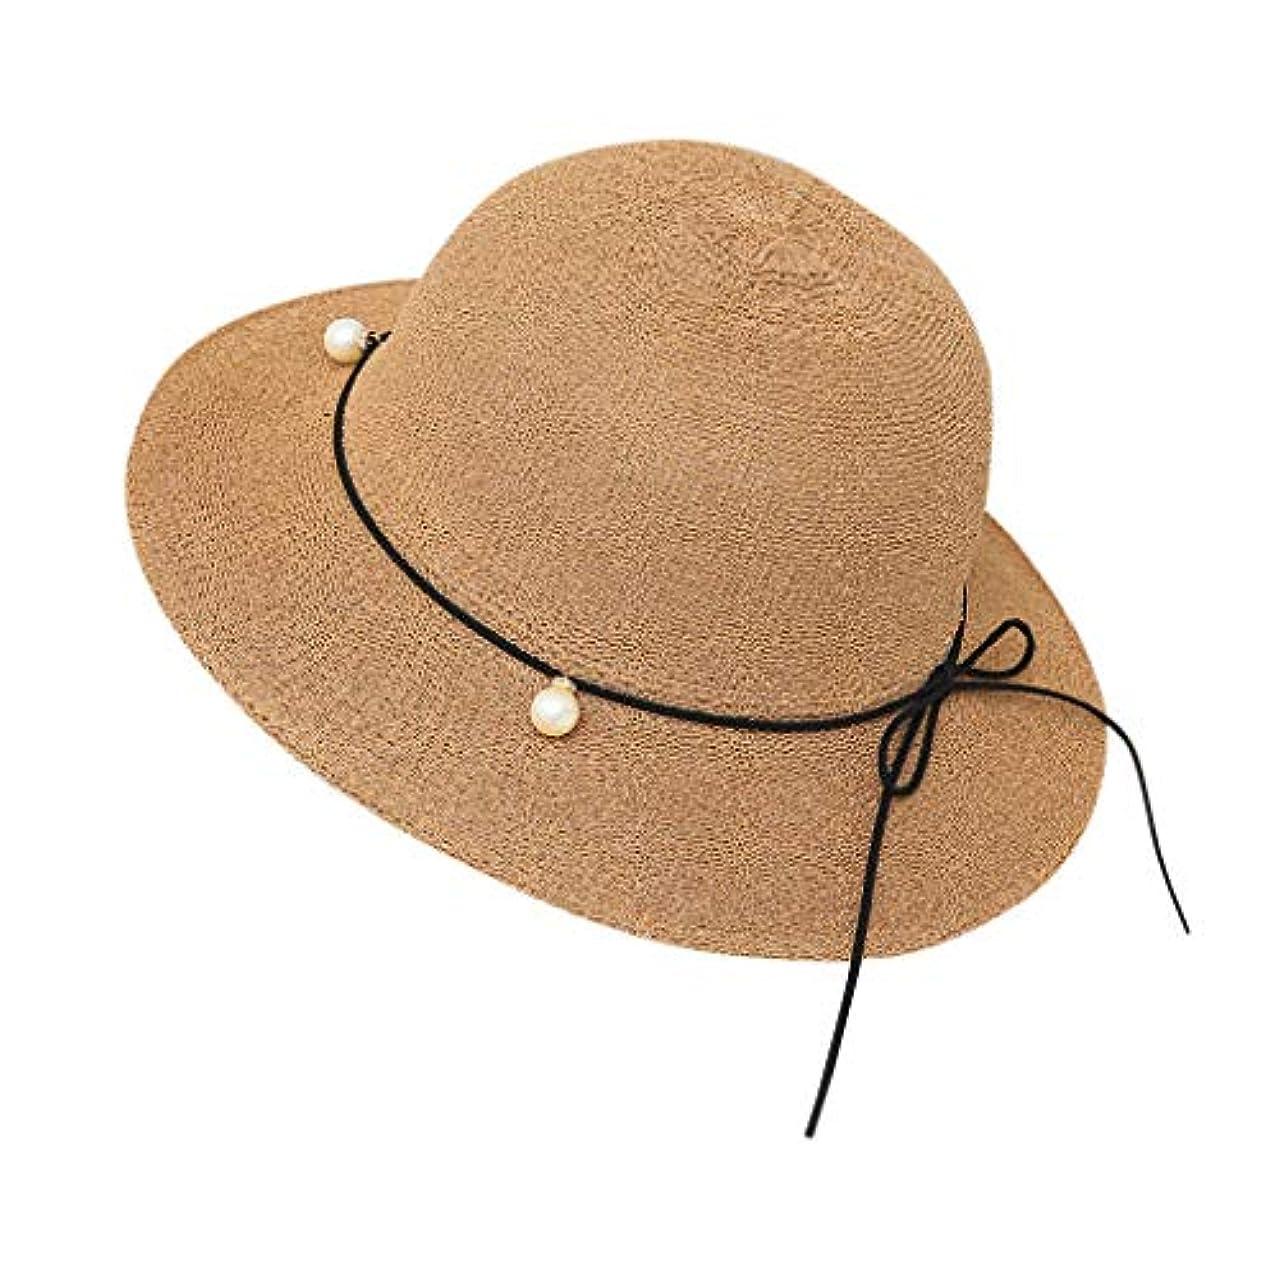 連帯横咽頭帽子 レディース 夏 女性 UVカット 帽子 ハット 漁師帽 つば広 吸汗通気 紫外線対策 大きいサイズ 日焼け防止 サイズ調節 ベレー帽 帽子 レディース ビーチ 海辺 森ガール 女優帽 日よけ ROSE ROMAN